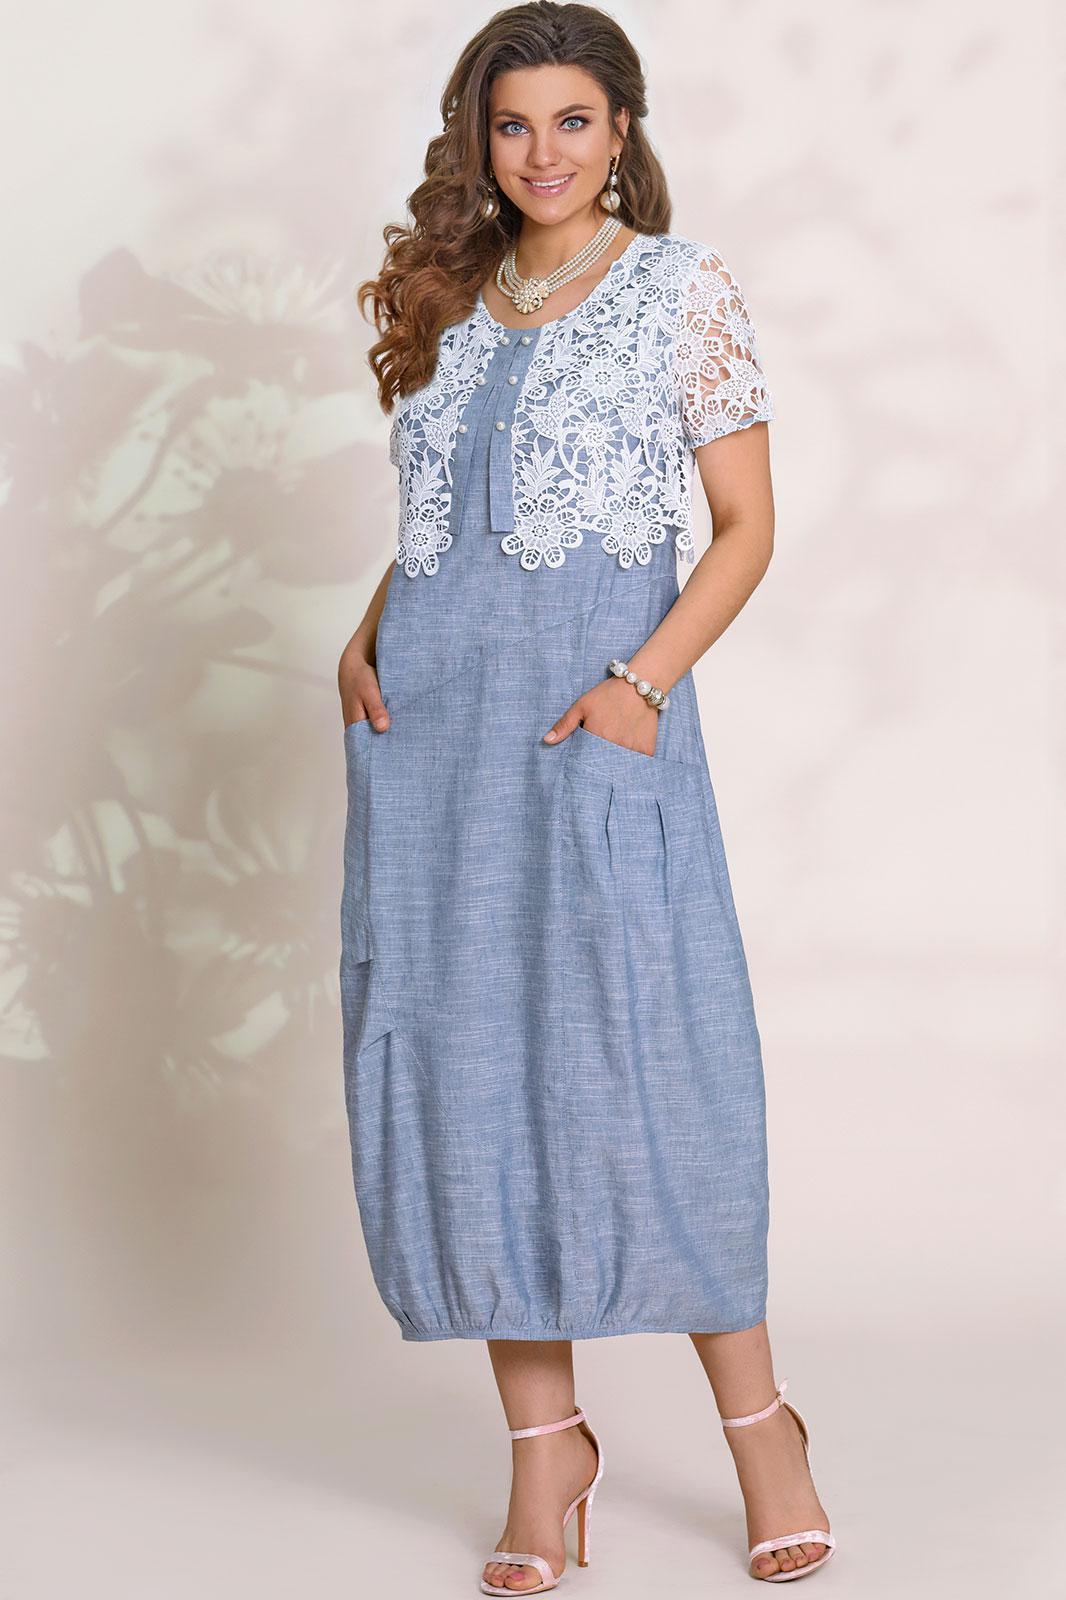 b364a67252d1002 Купить платье в интернет-магазине в Минске. Белорусские женские платья